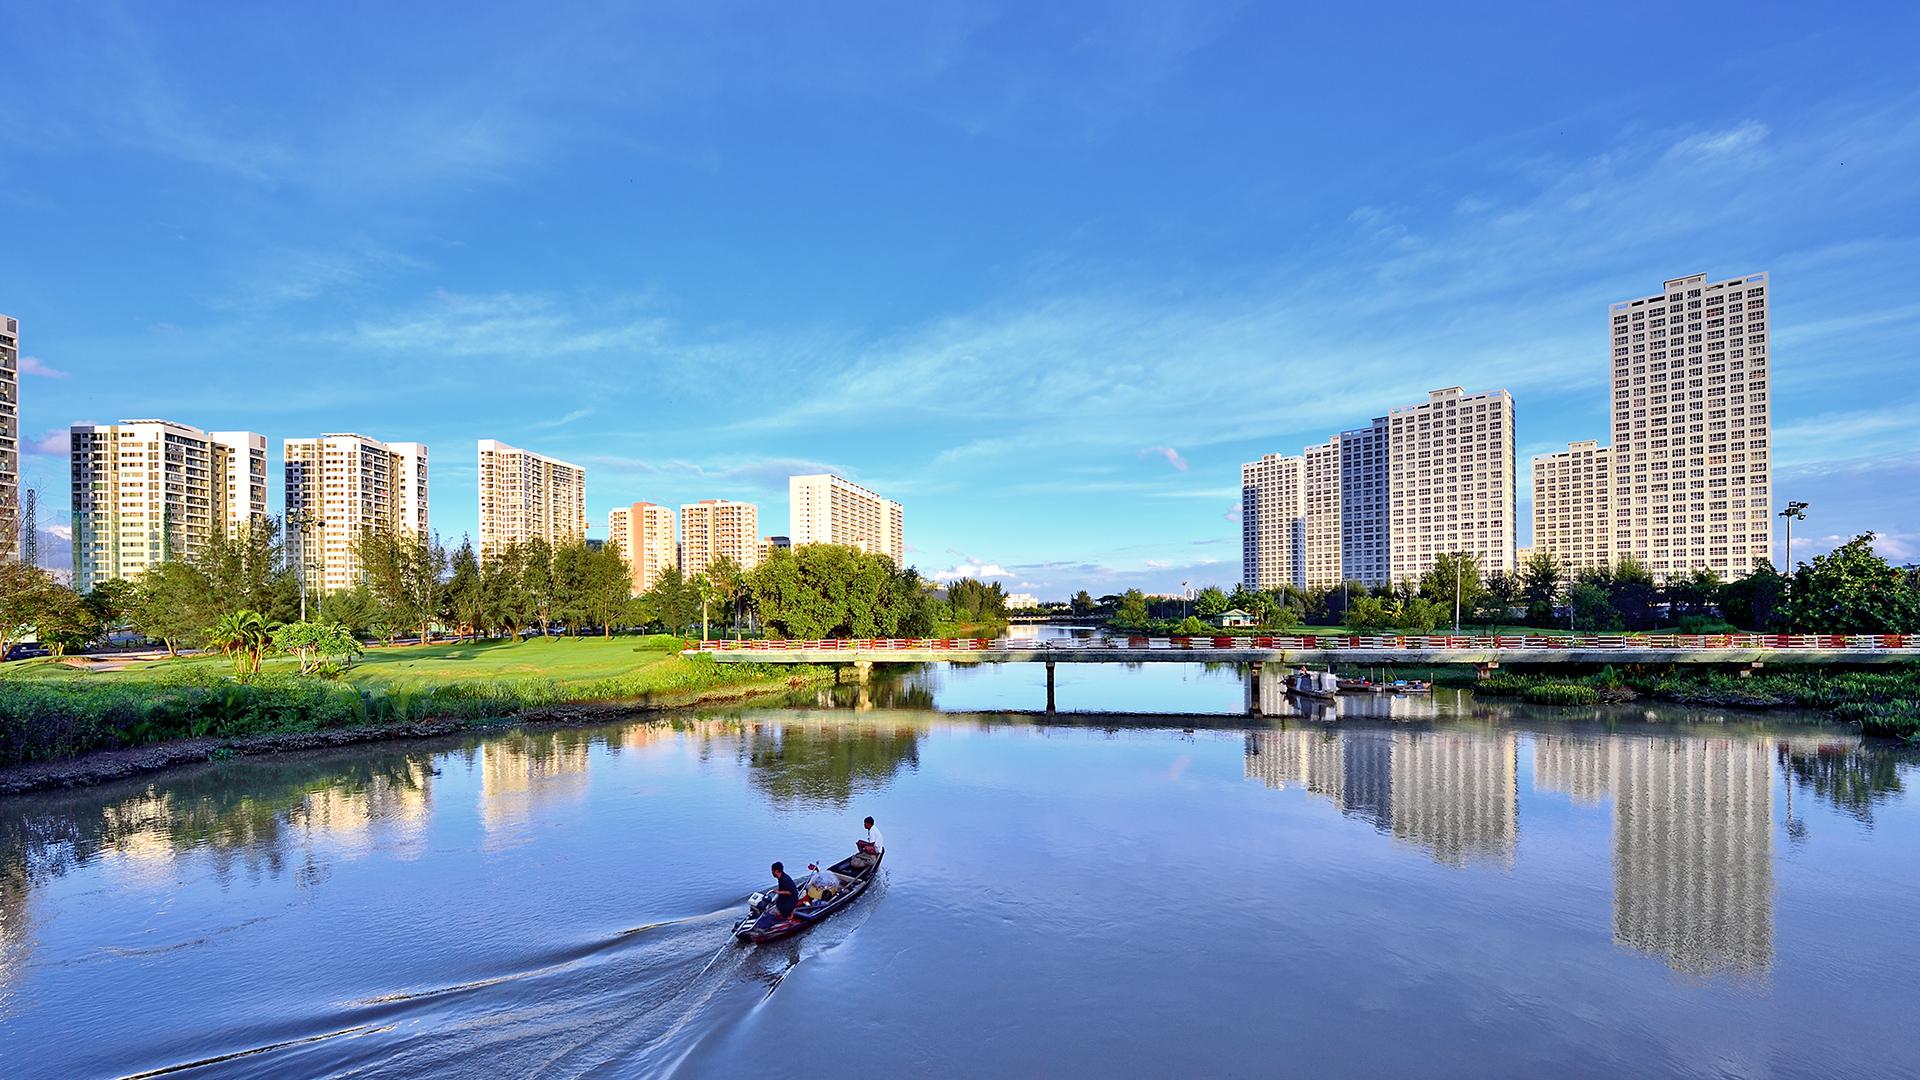 Khu đô thị Phú Mỹ Hưng quận 7 – Không gian đô thị kiểu mẫu hàng đầu khu Nam Sài Gòn. 4